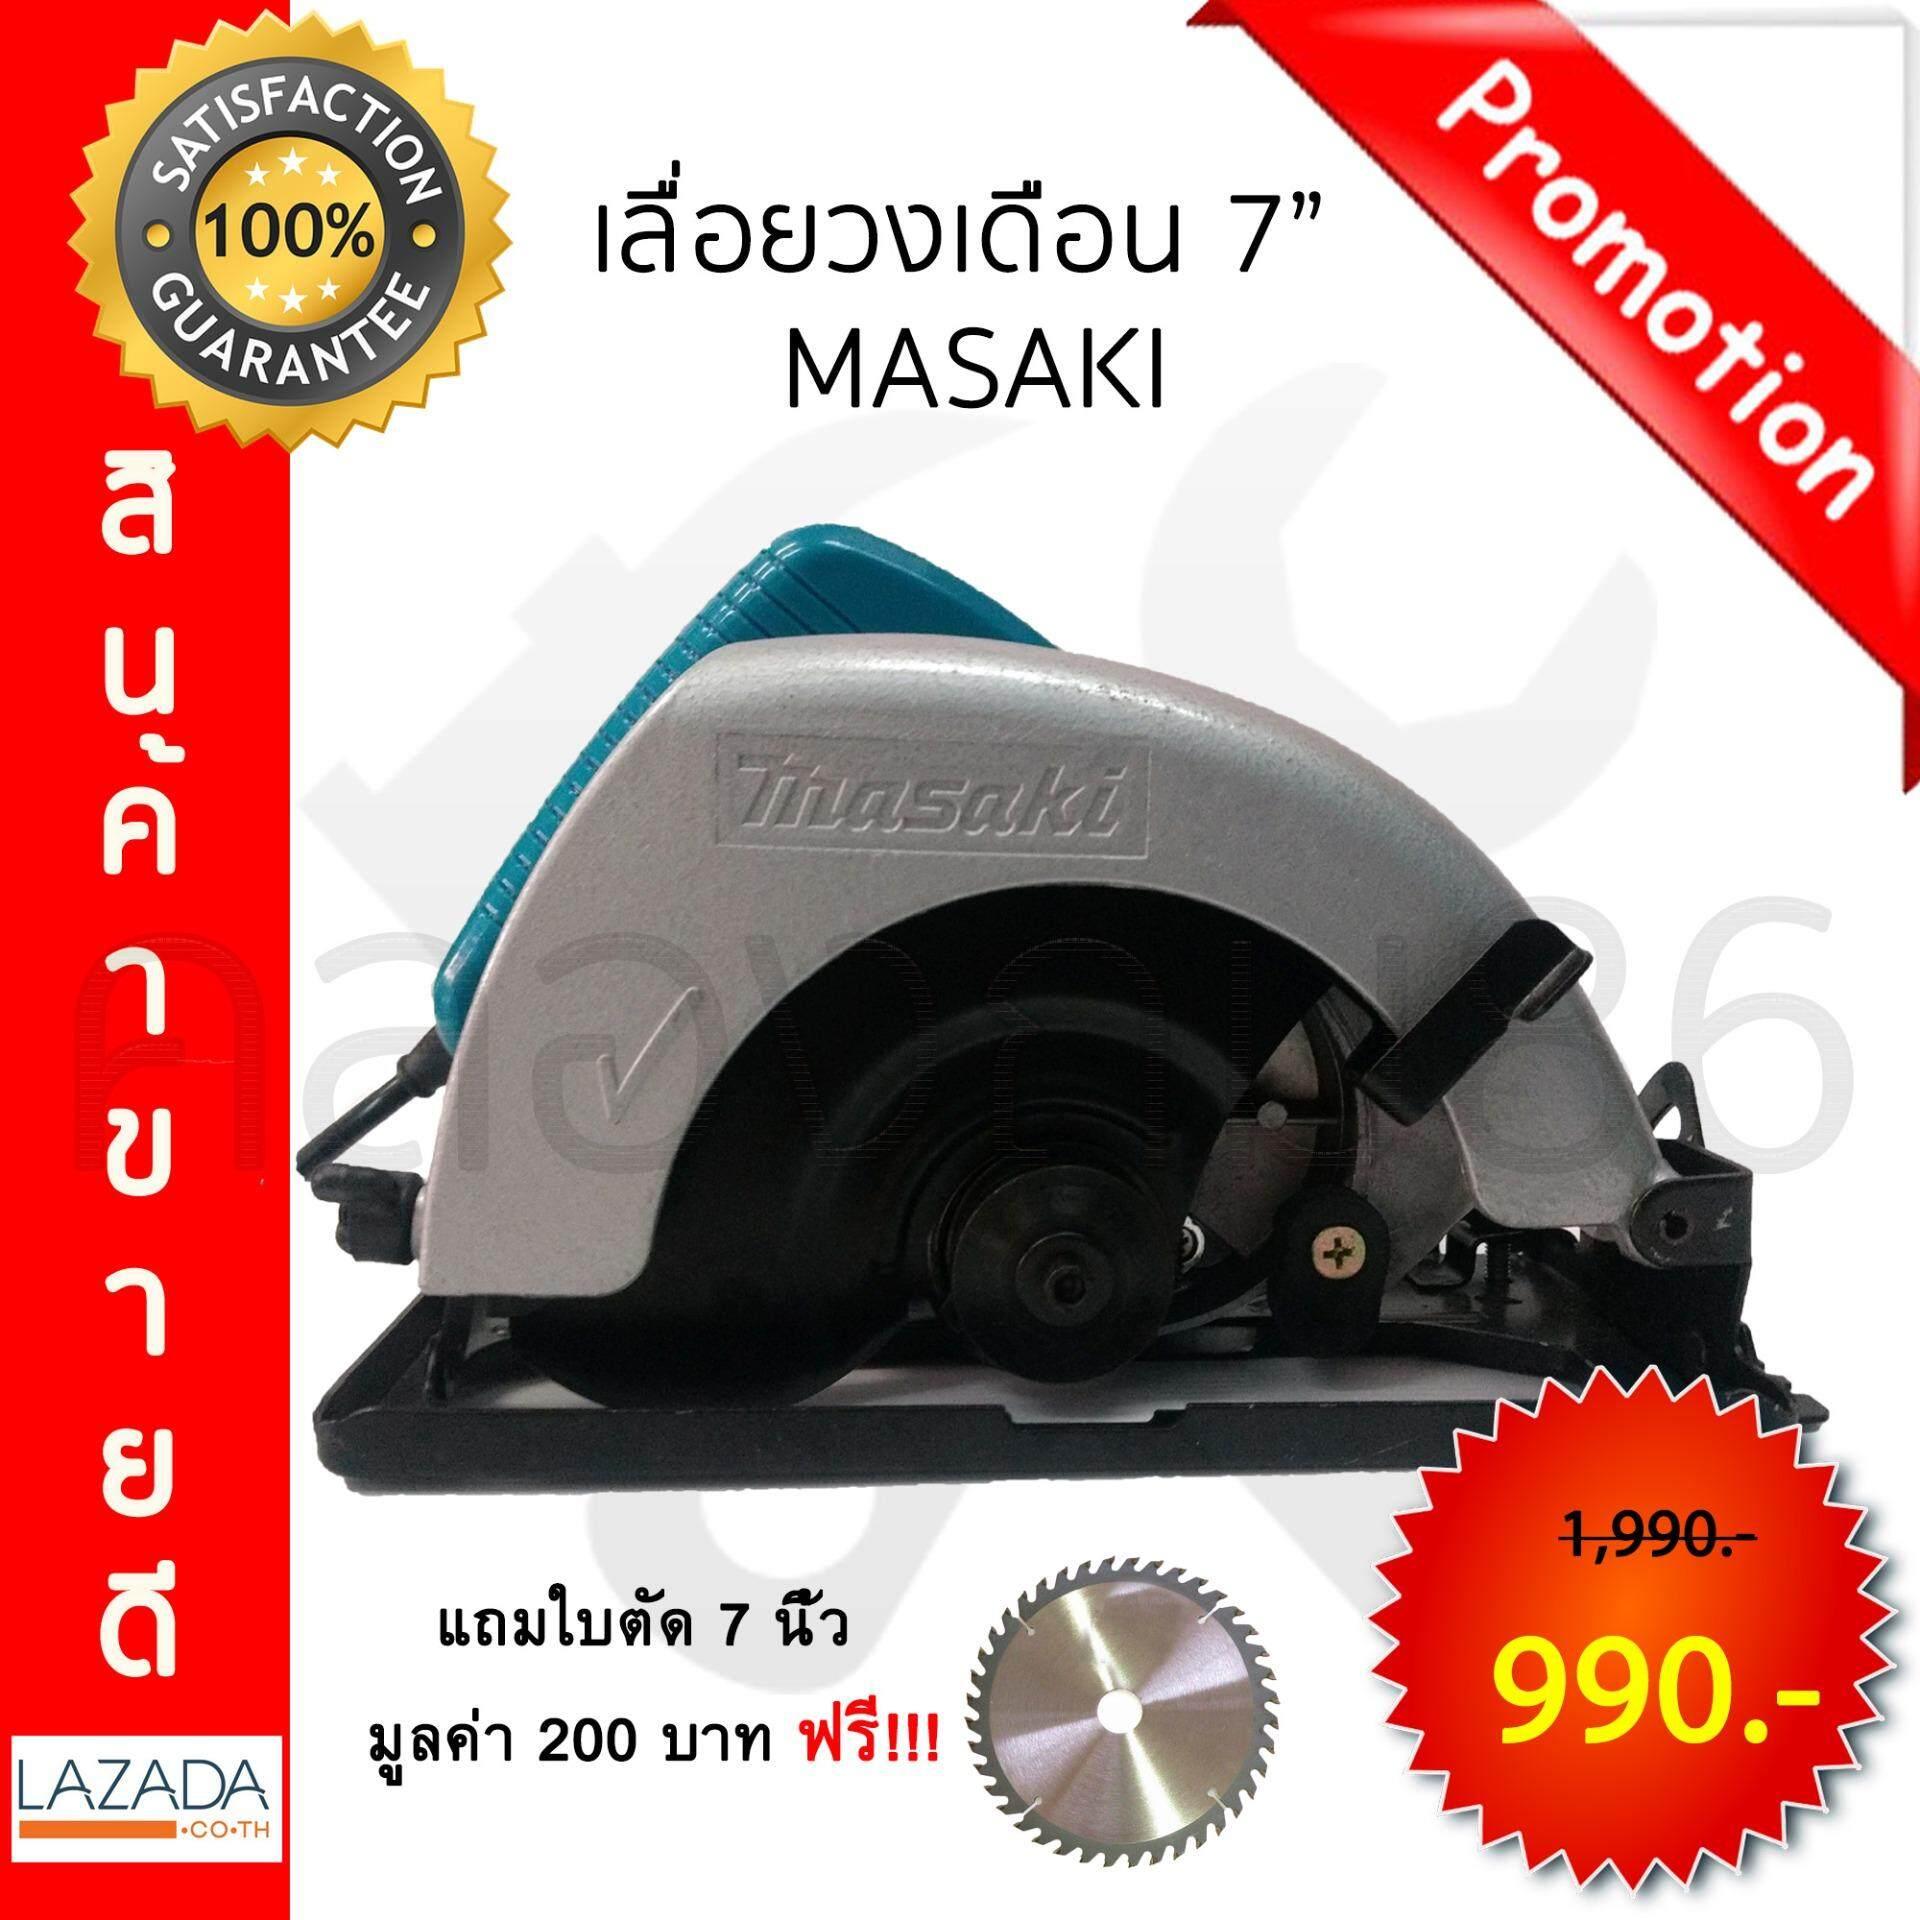 เลื่อยวงเดือน 7 นิ้ว เลื่อยไม้ MASAKI รุ่น 5800์ฺ